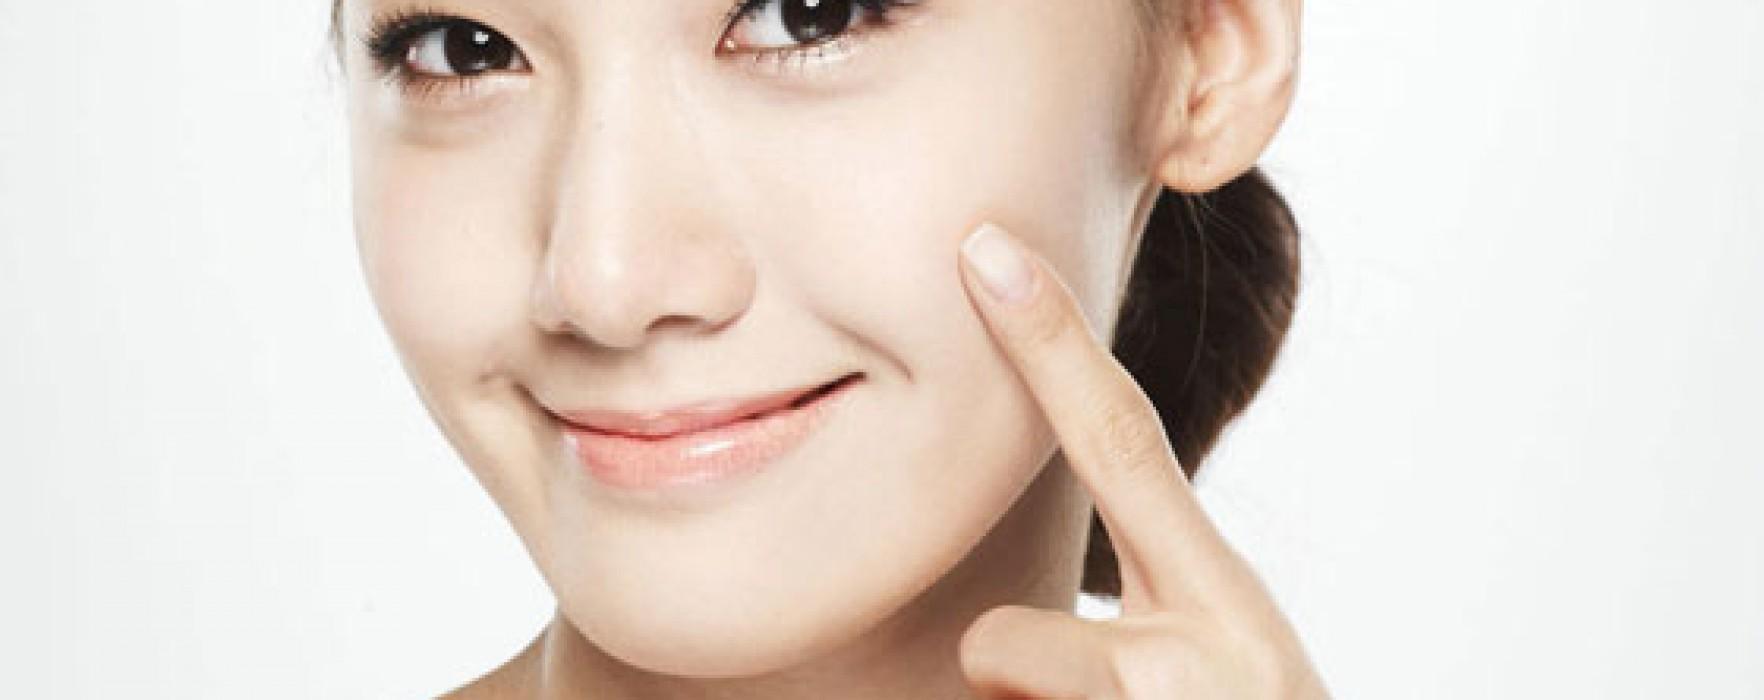 Maquillage pour peau acnéique